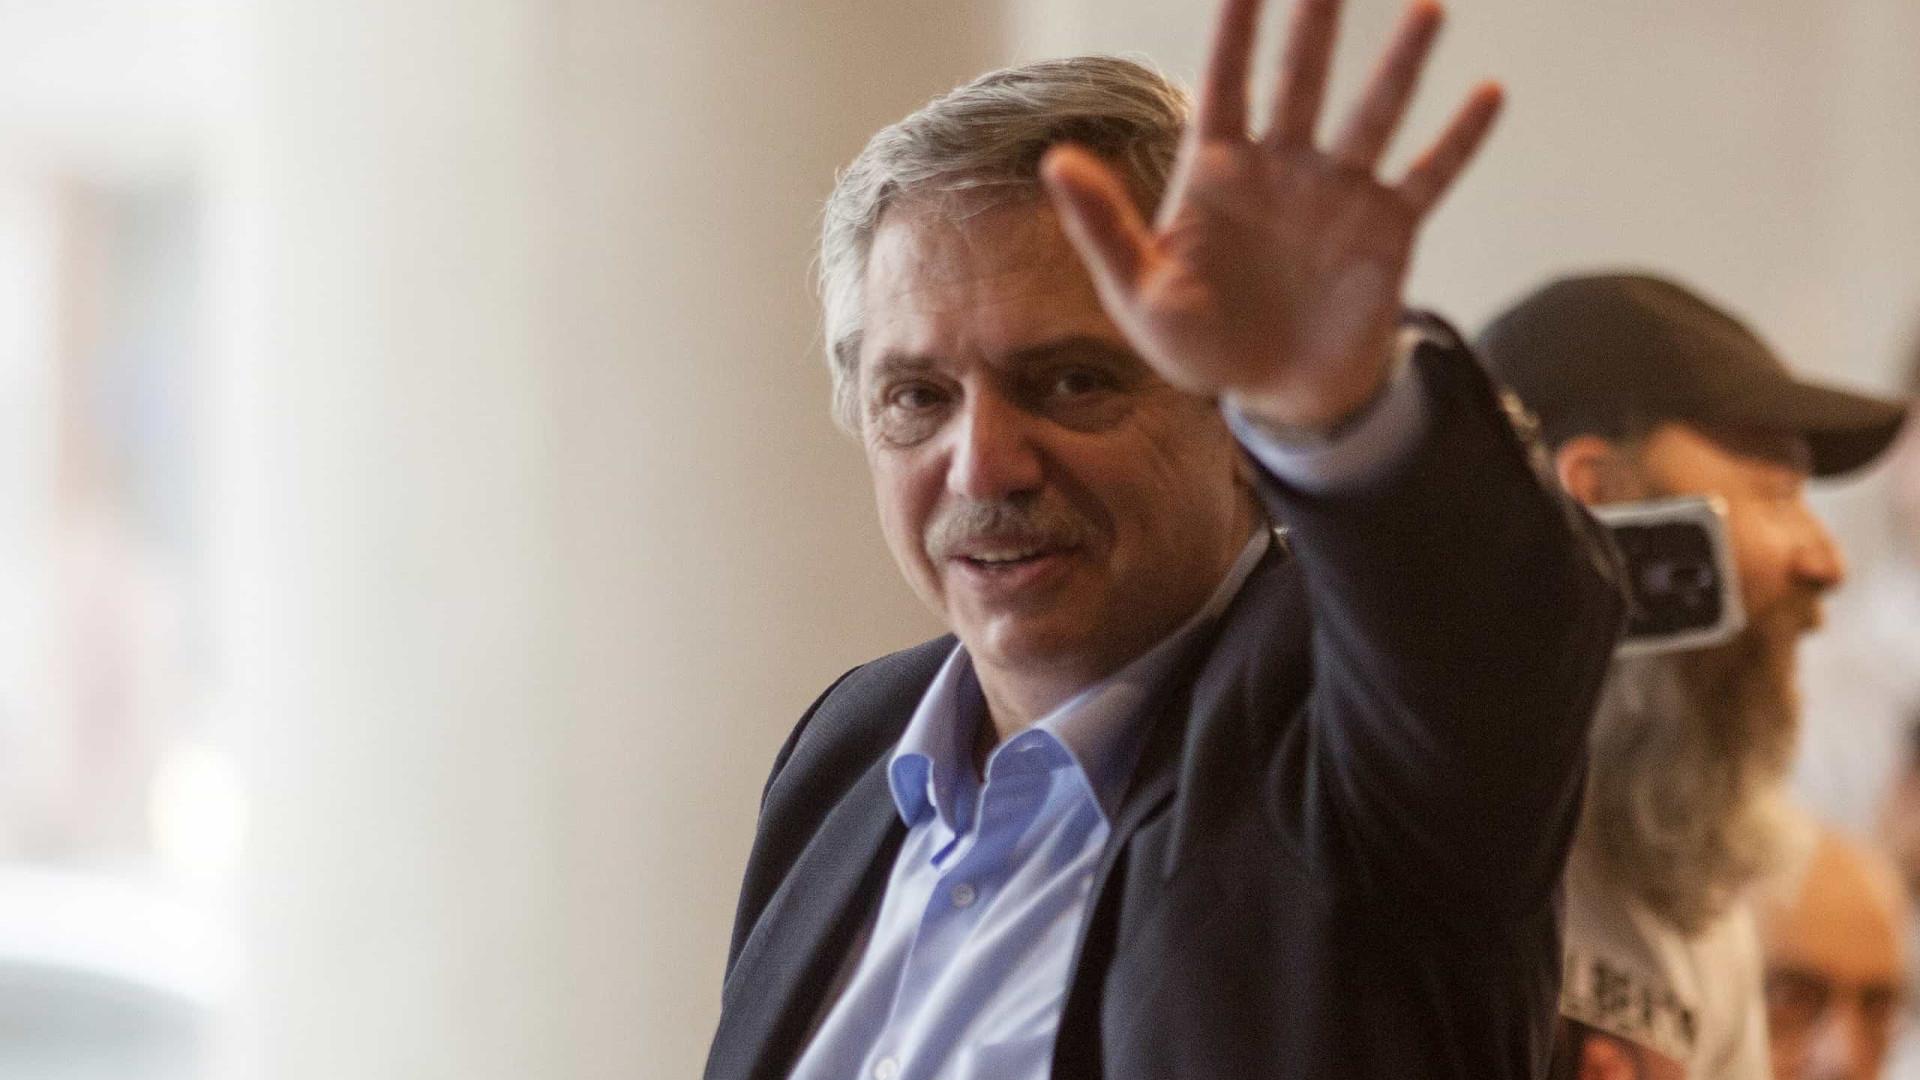 Chanceler repudia comentários de Bolsonaro à vitória de Fernández